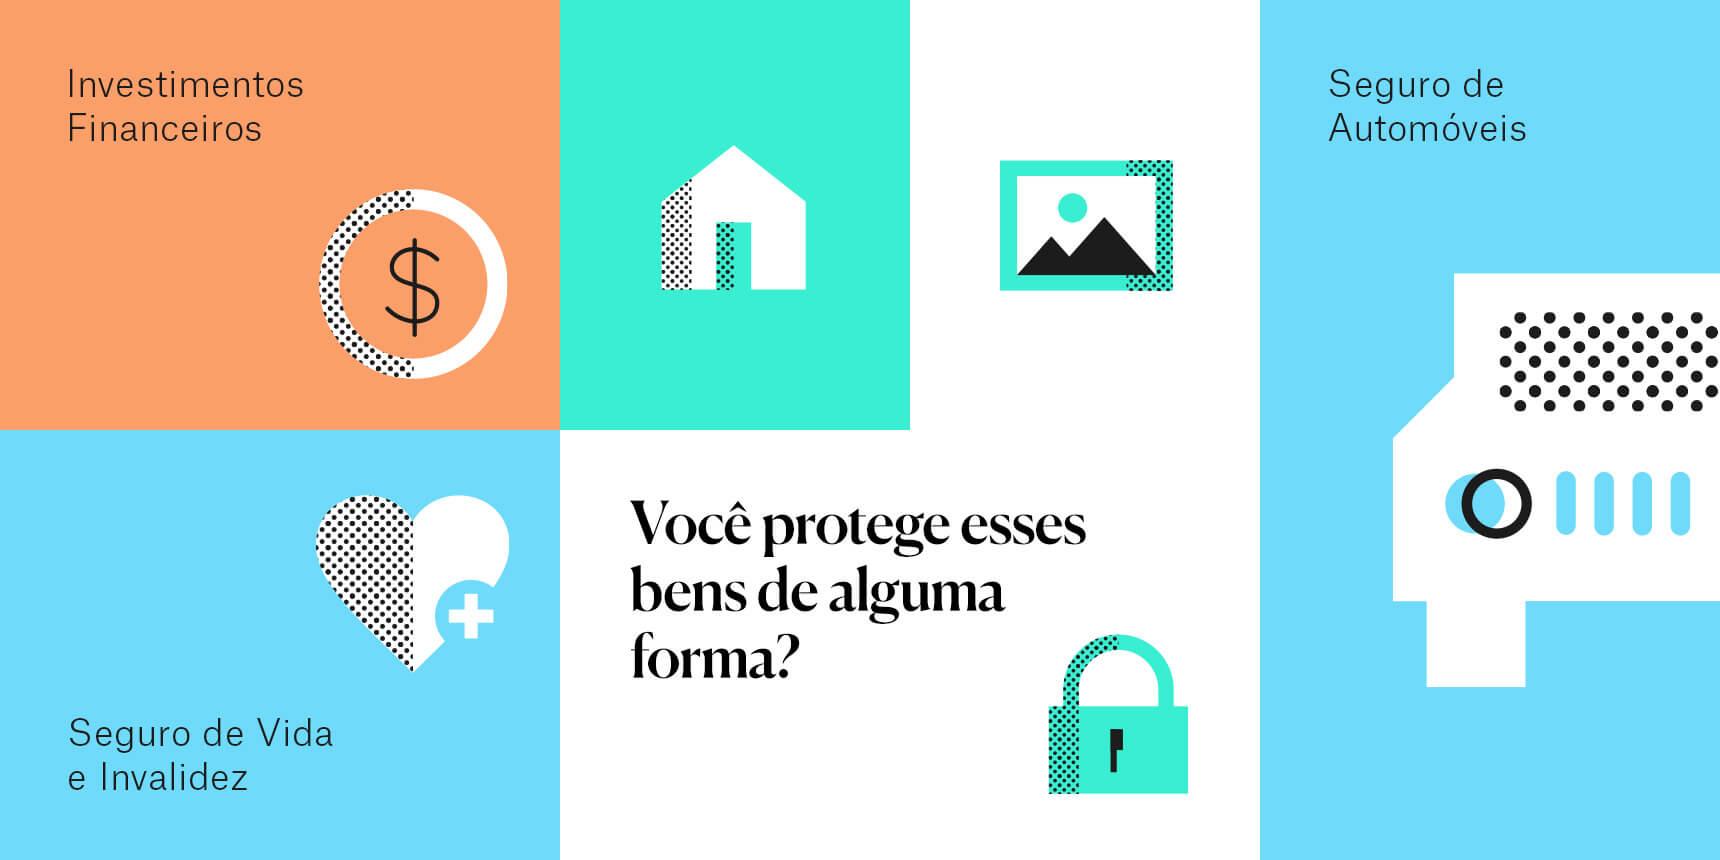 firmorama_patrimono_14